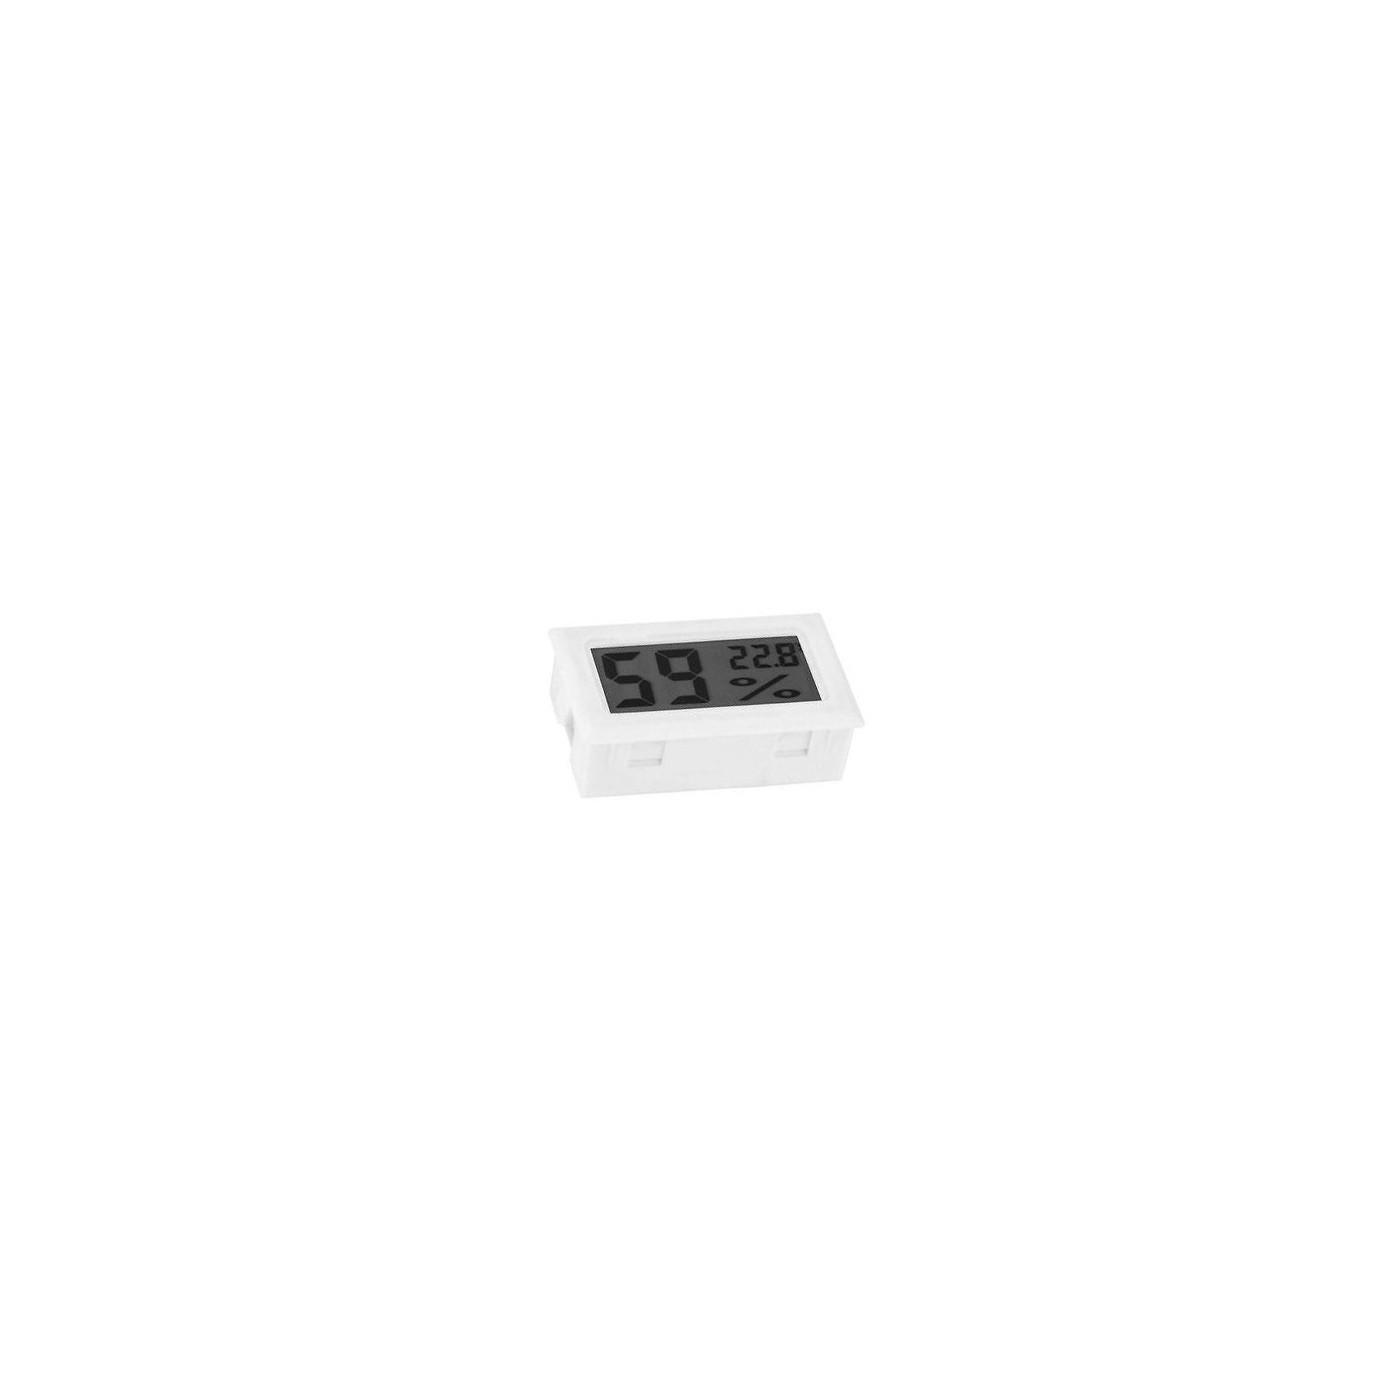 LCD mètre de température et d'humidité intérieure (blanc)